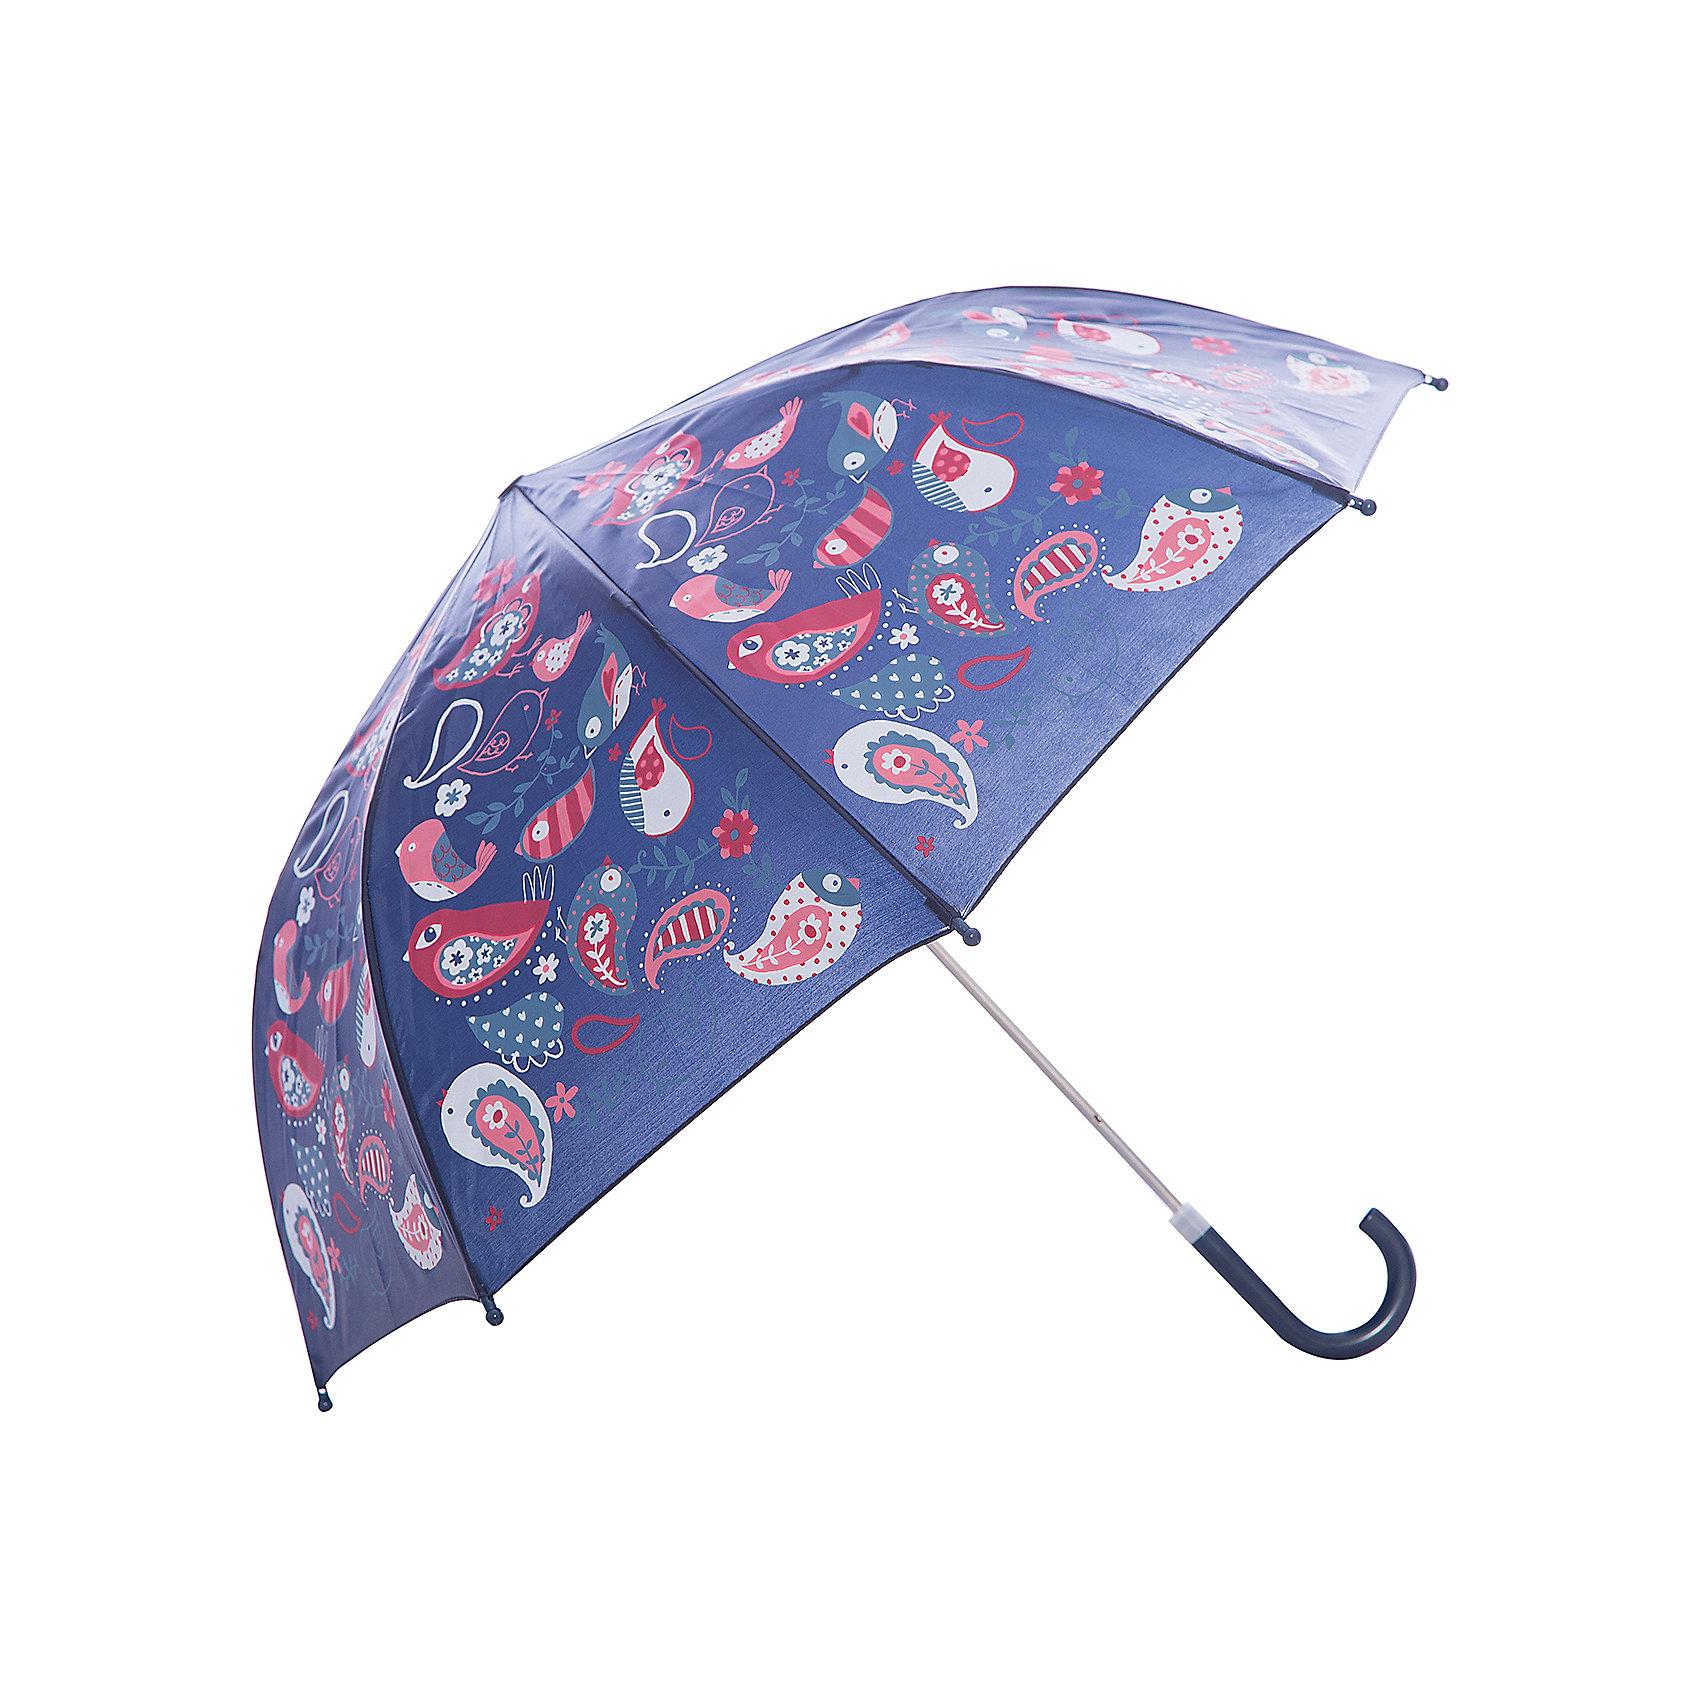 Зонт детский Веселые птички, 46 см.Яркий и удобный зонтик для малышей Веселые птички. Радиус: 46 см. Длина ручки: 57 см.<br><br>Ширина мм: 580<br>Глубина мм: 400<br>Высота мм: 800<br>Вес г: 180<br>Возраст от месяцев: 36<br>Возраст до месяцев: 2147483647<br>Пол: Женский<br>Возраст: Детский<br>SKU: 5508503